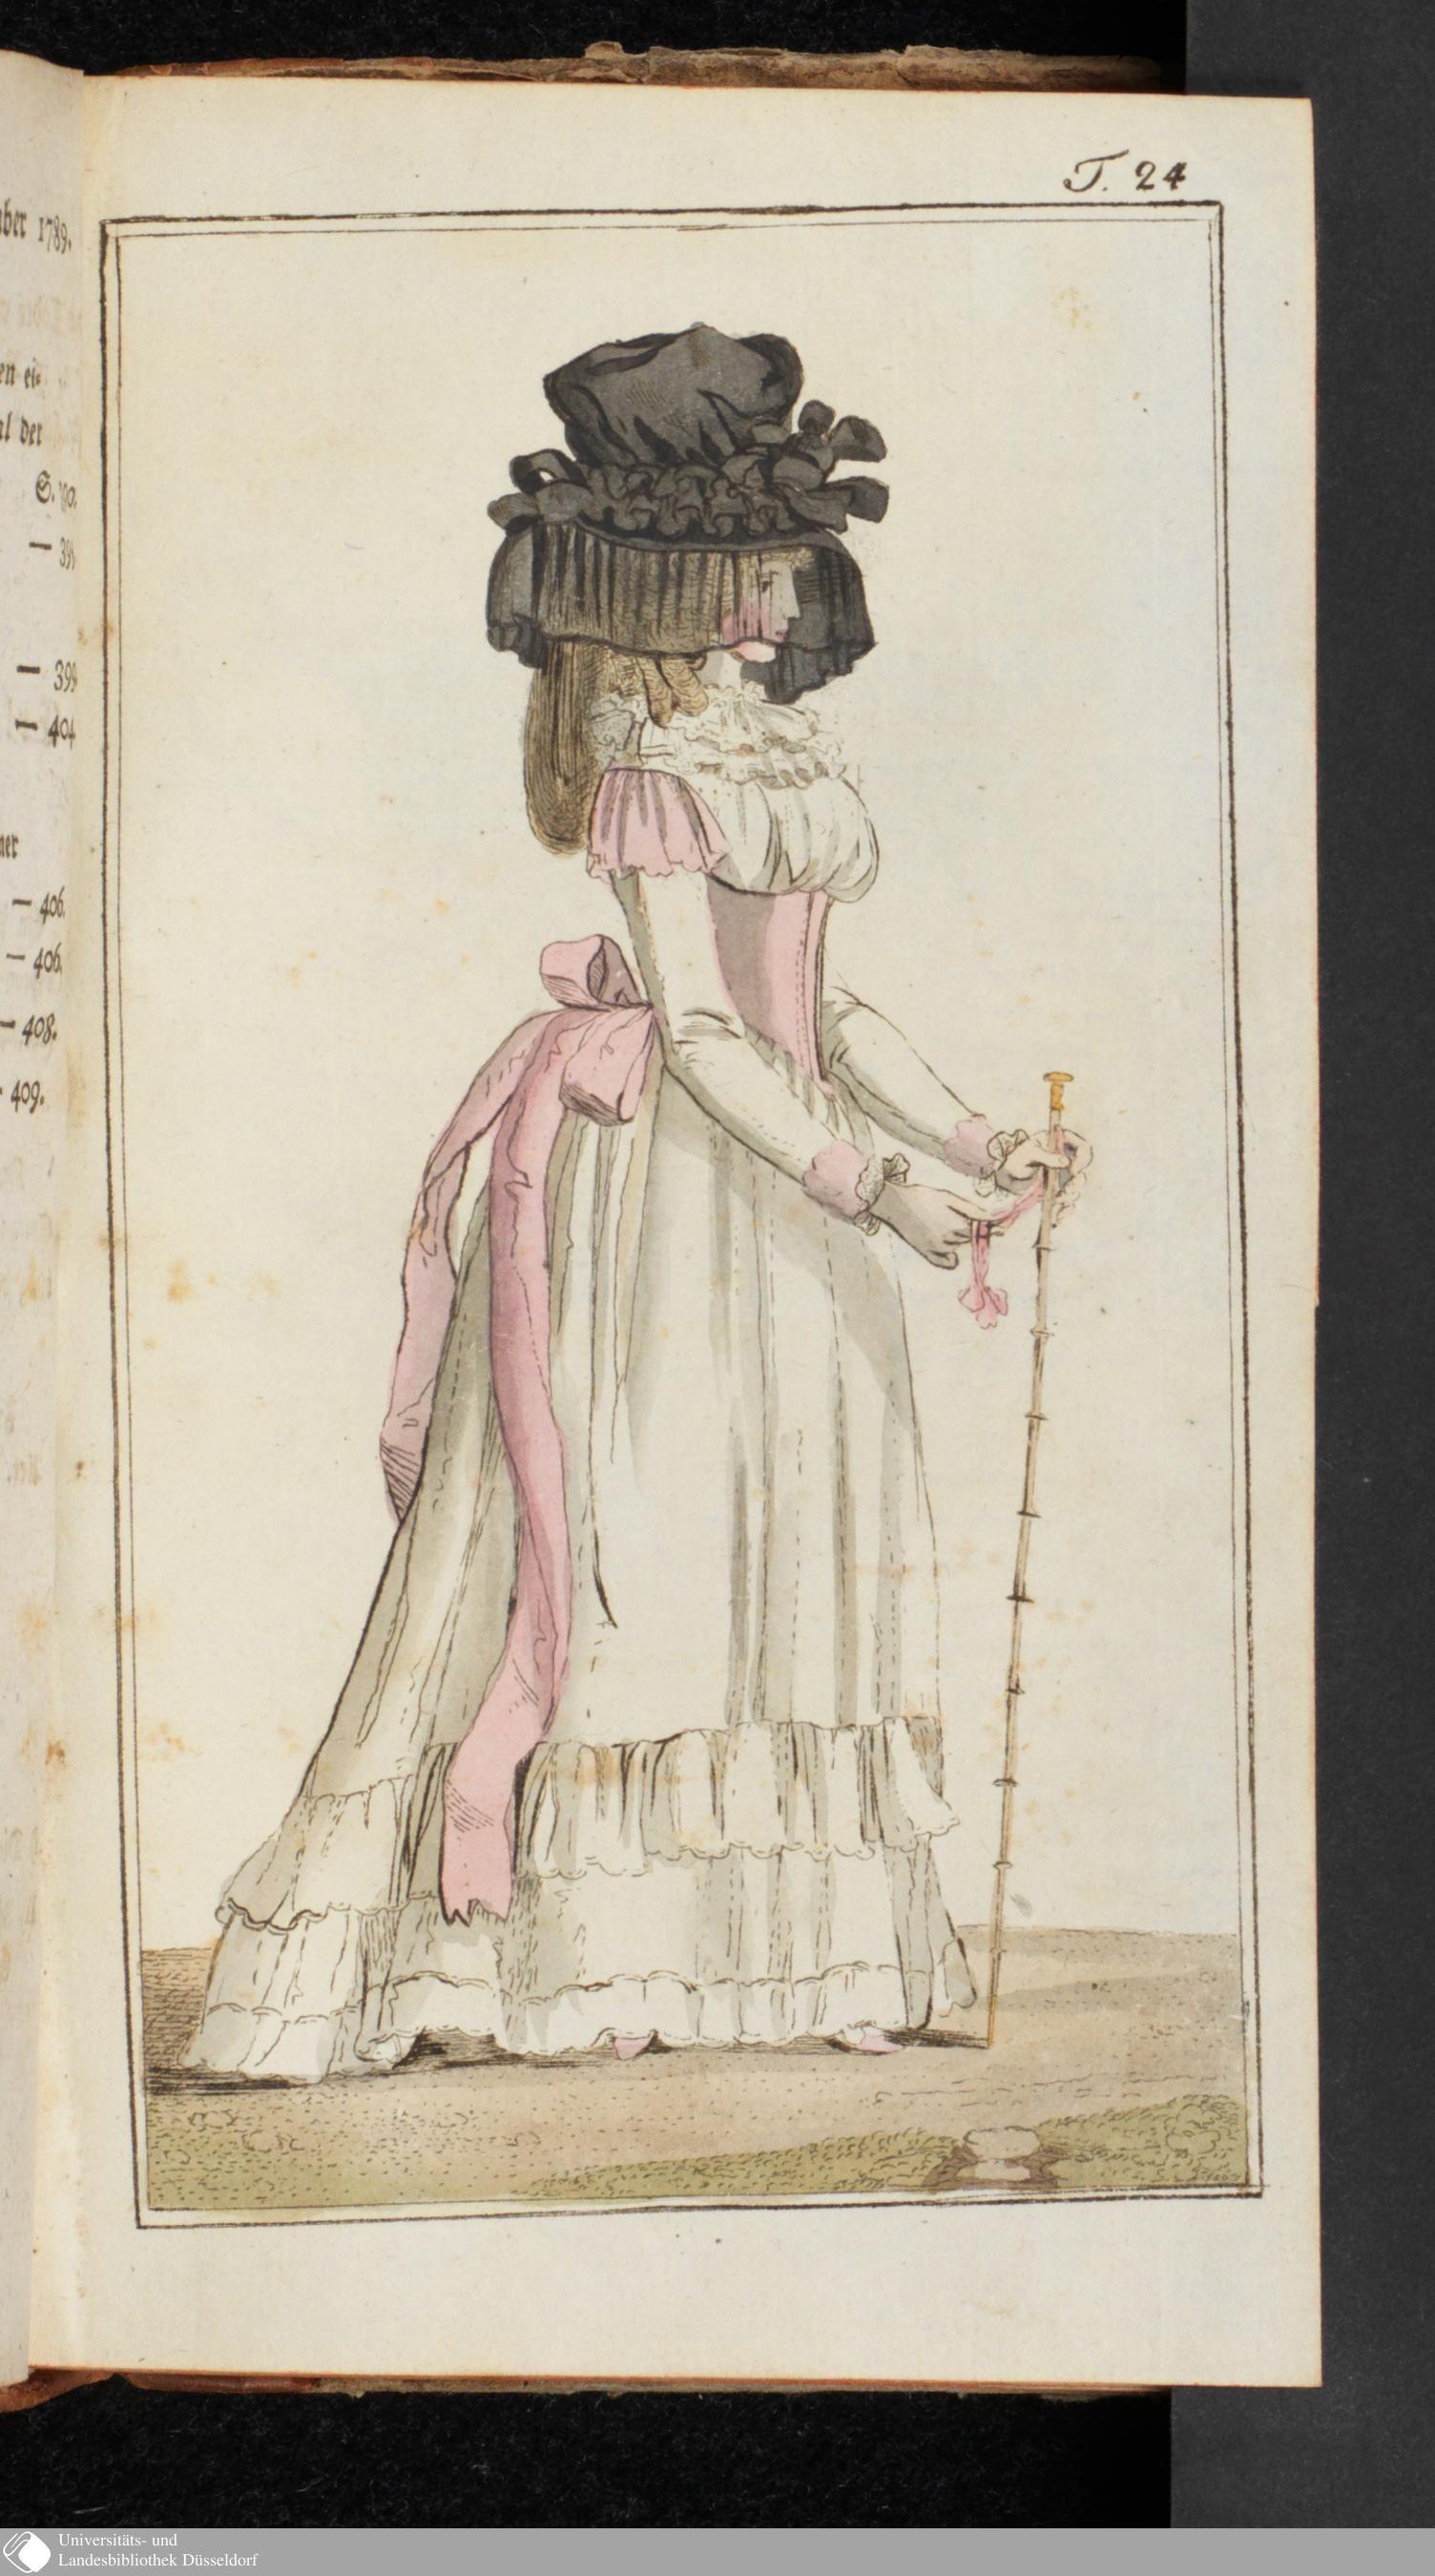 Journal des Luxus und der Moden: September, 1789.